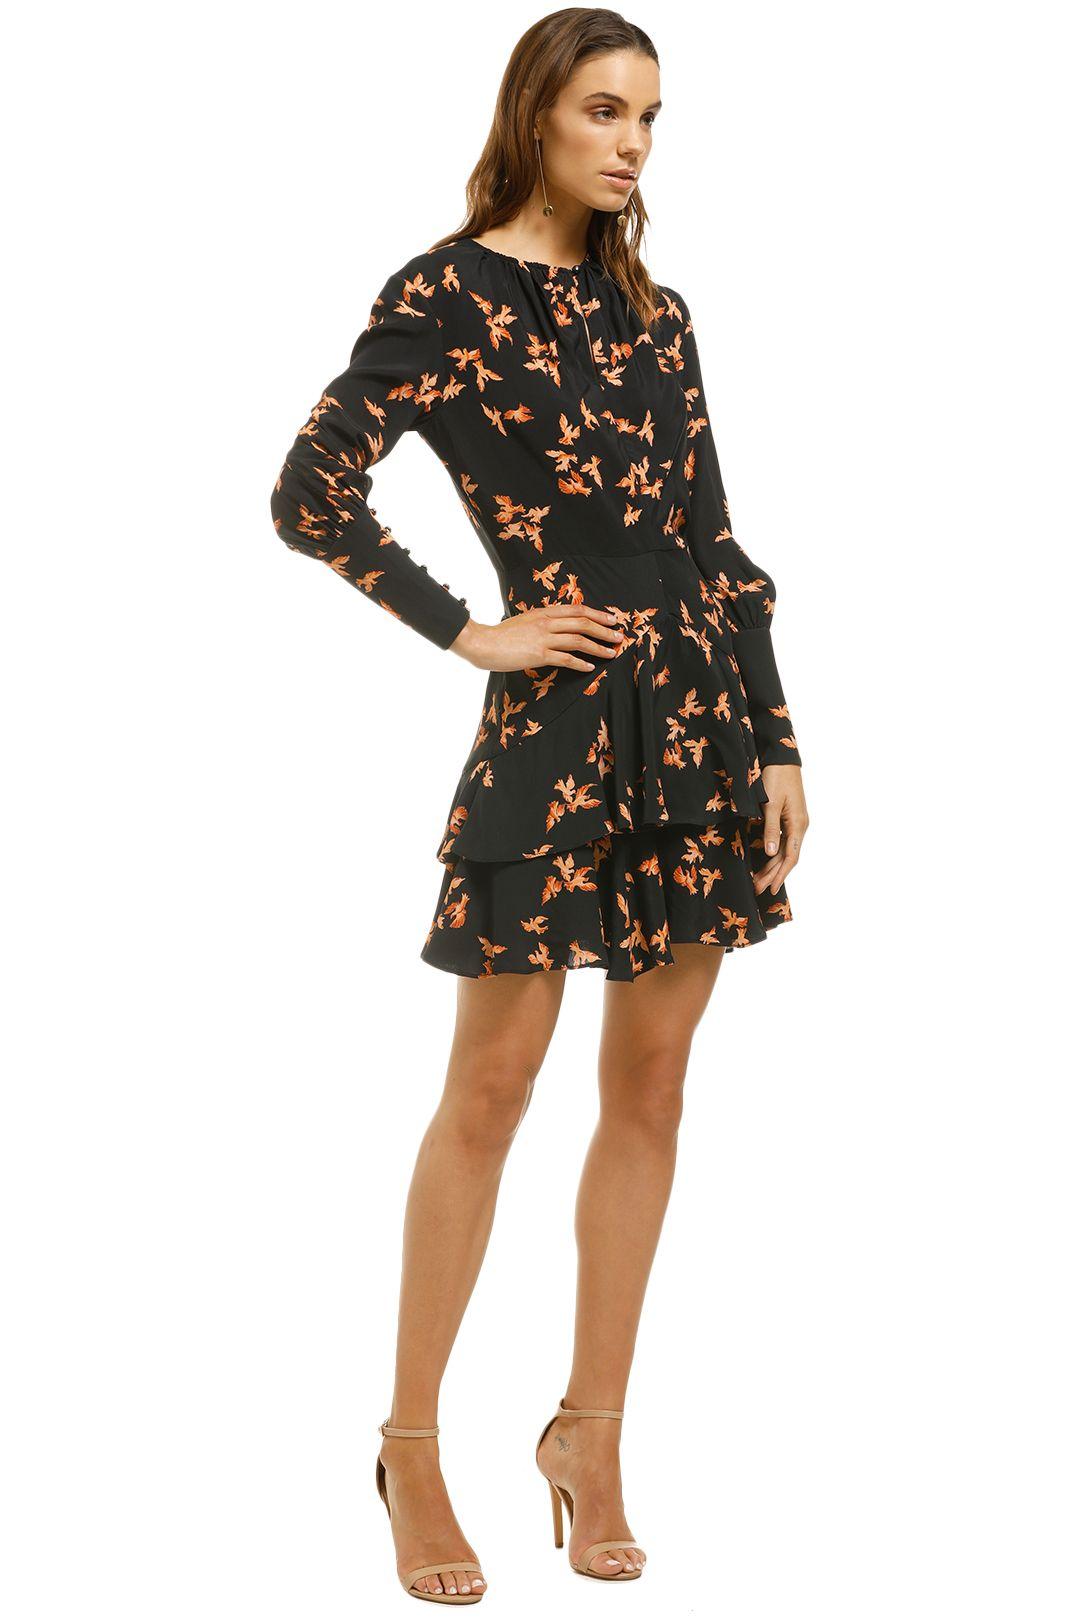 Lover-Dove-Mini-Dress-Black-Side